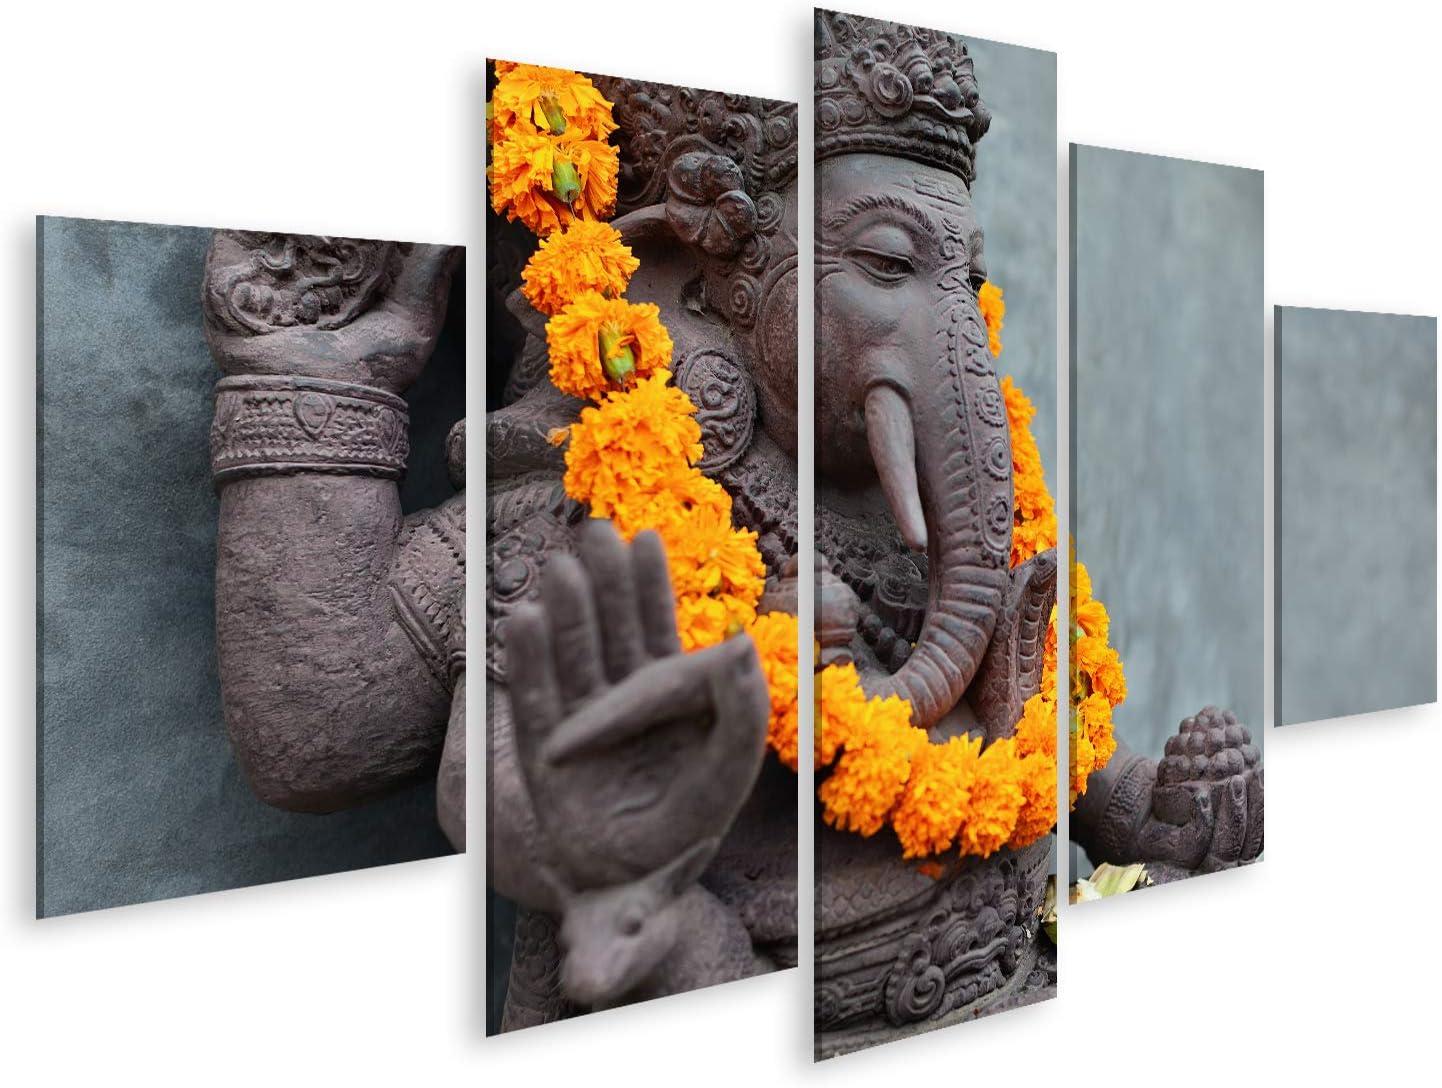 Cuadro Cuadros Ganesha con máscaras Barong balinesas sentadas frente al templo. Decorado para la fiesta religiosa con collar de flores de color naranja y ofrenda ceremonial. Viajes de fondo,